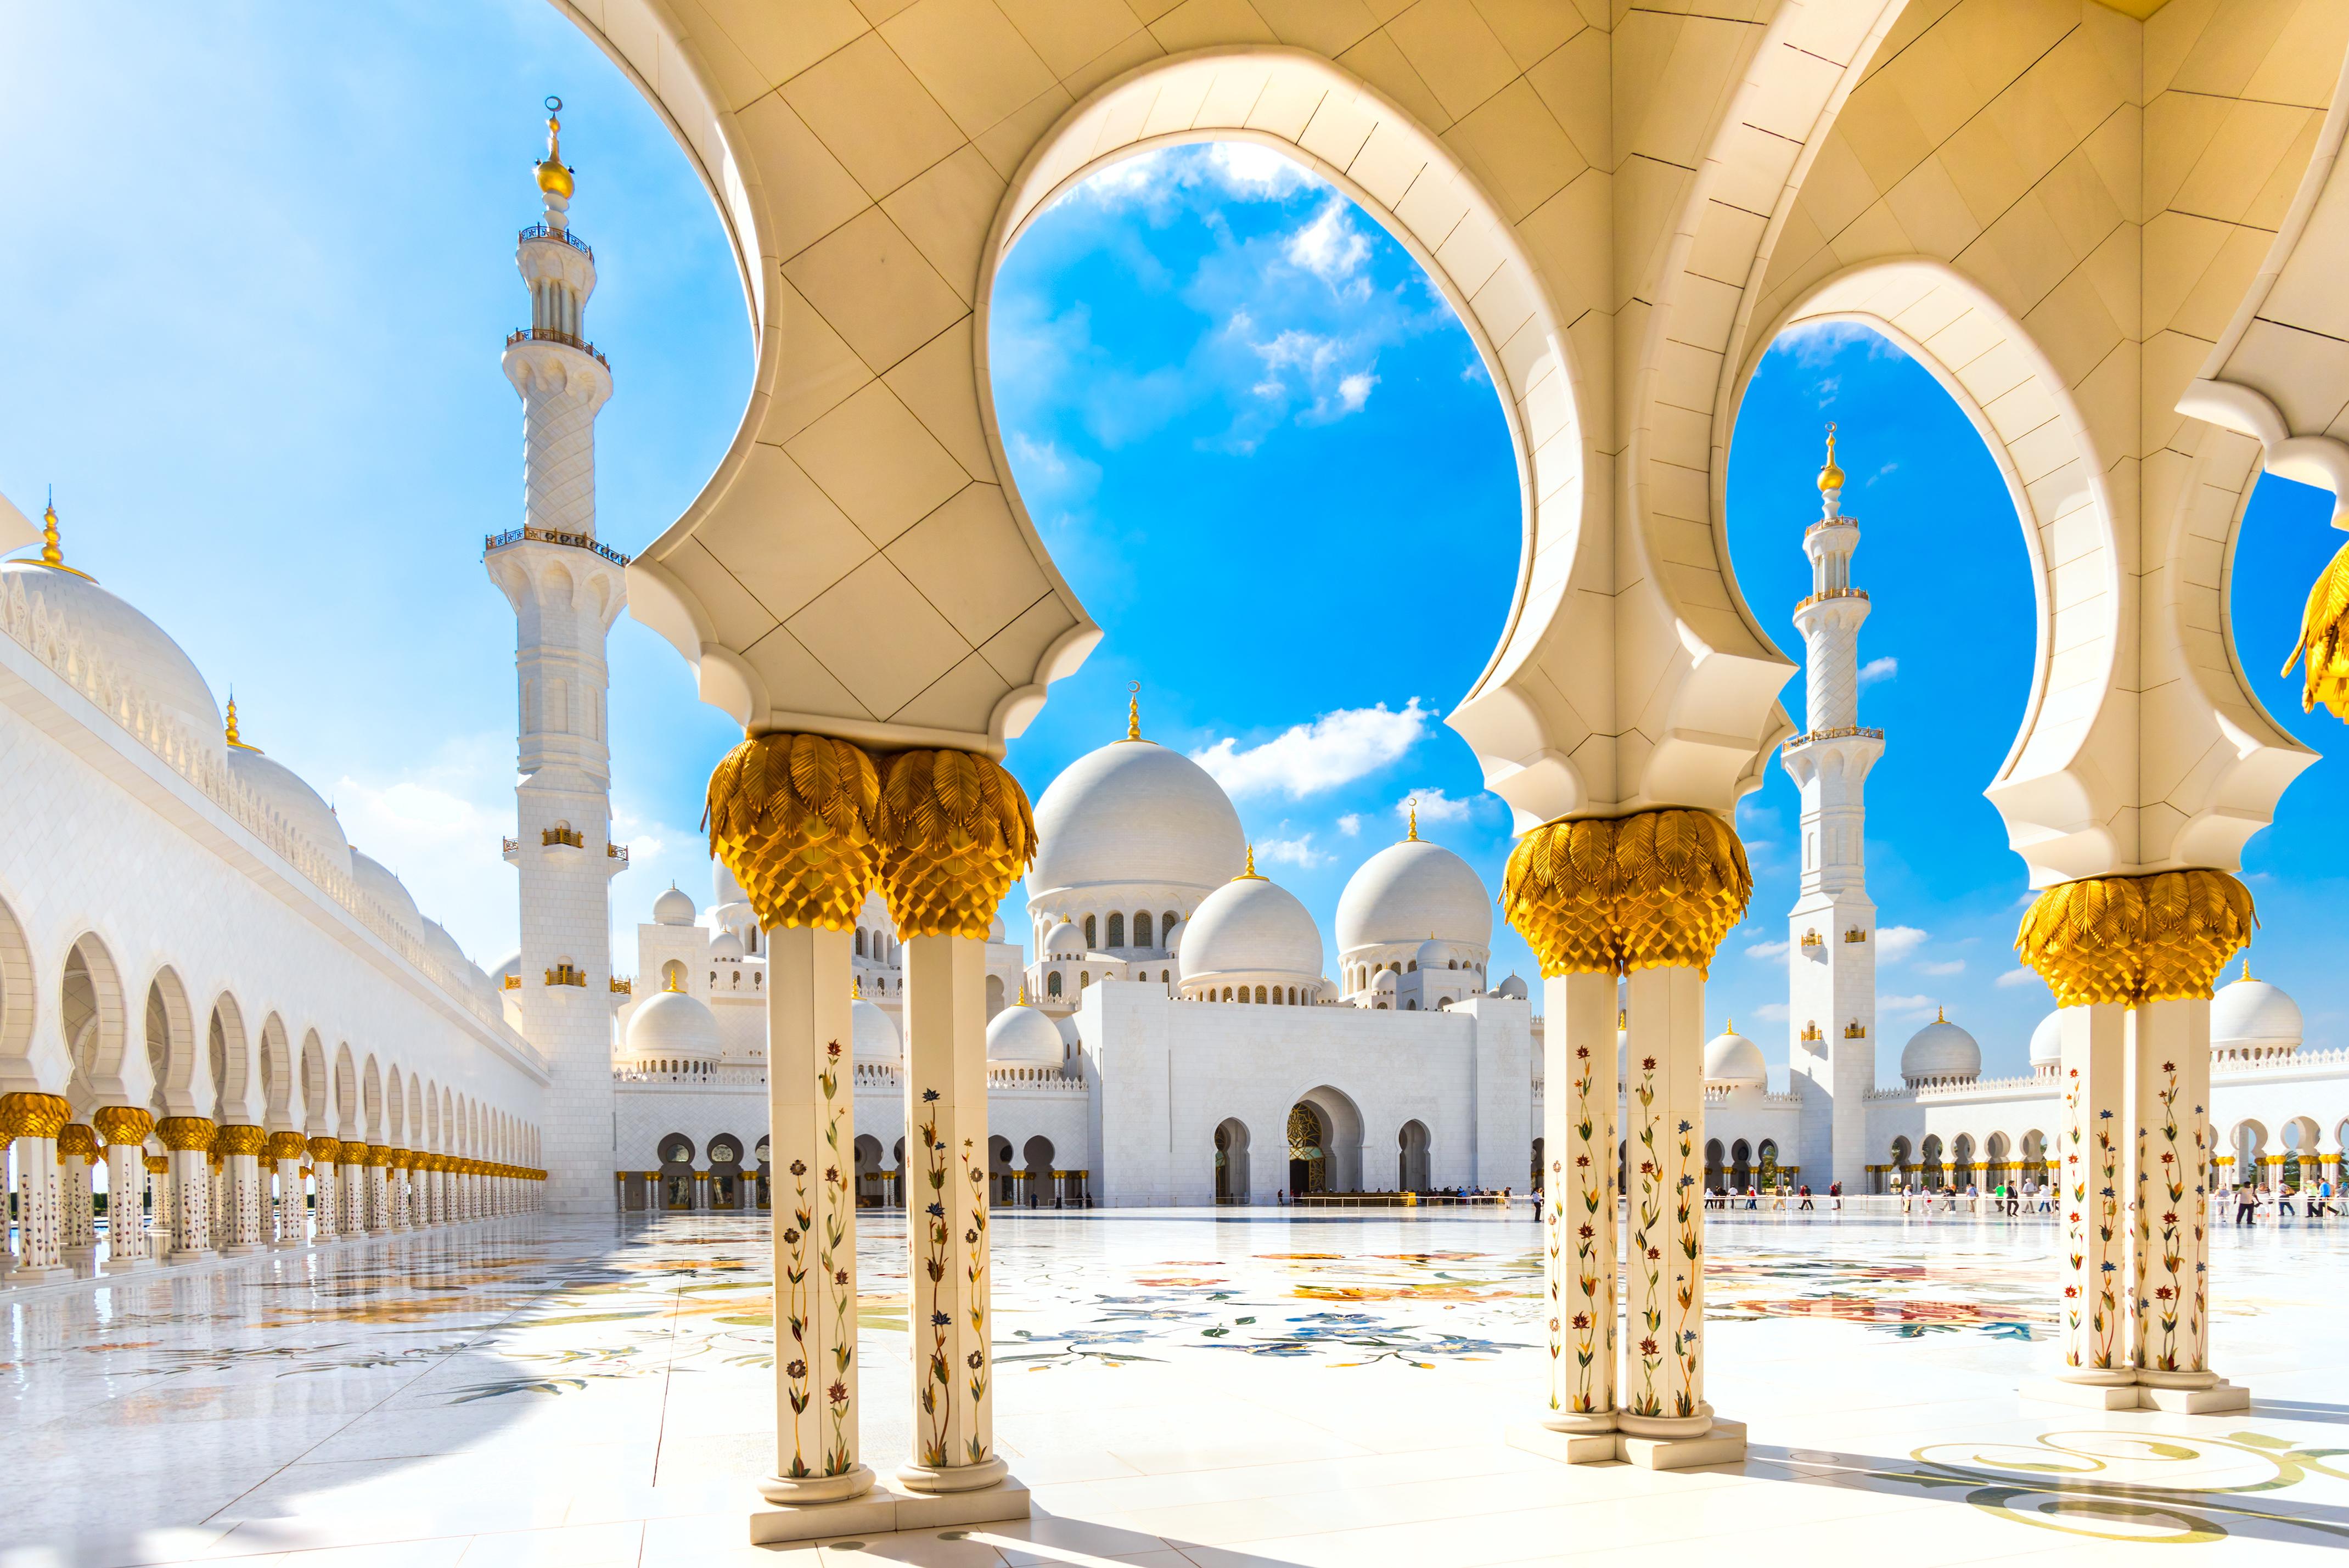 Мечеть Шейха Зайеда в Абу-Даби, столице ОАЭ, где ПМЖ могут получить россияне, украинцы и белорусы